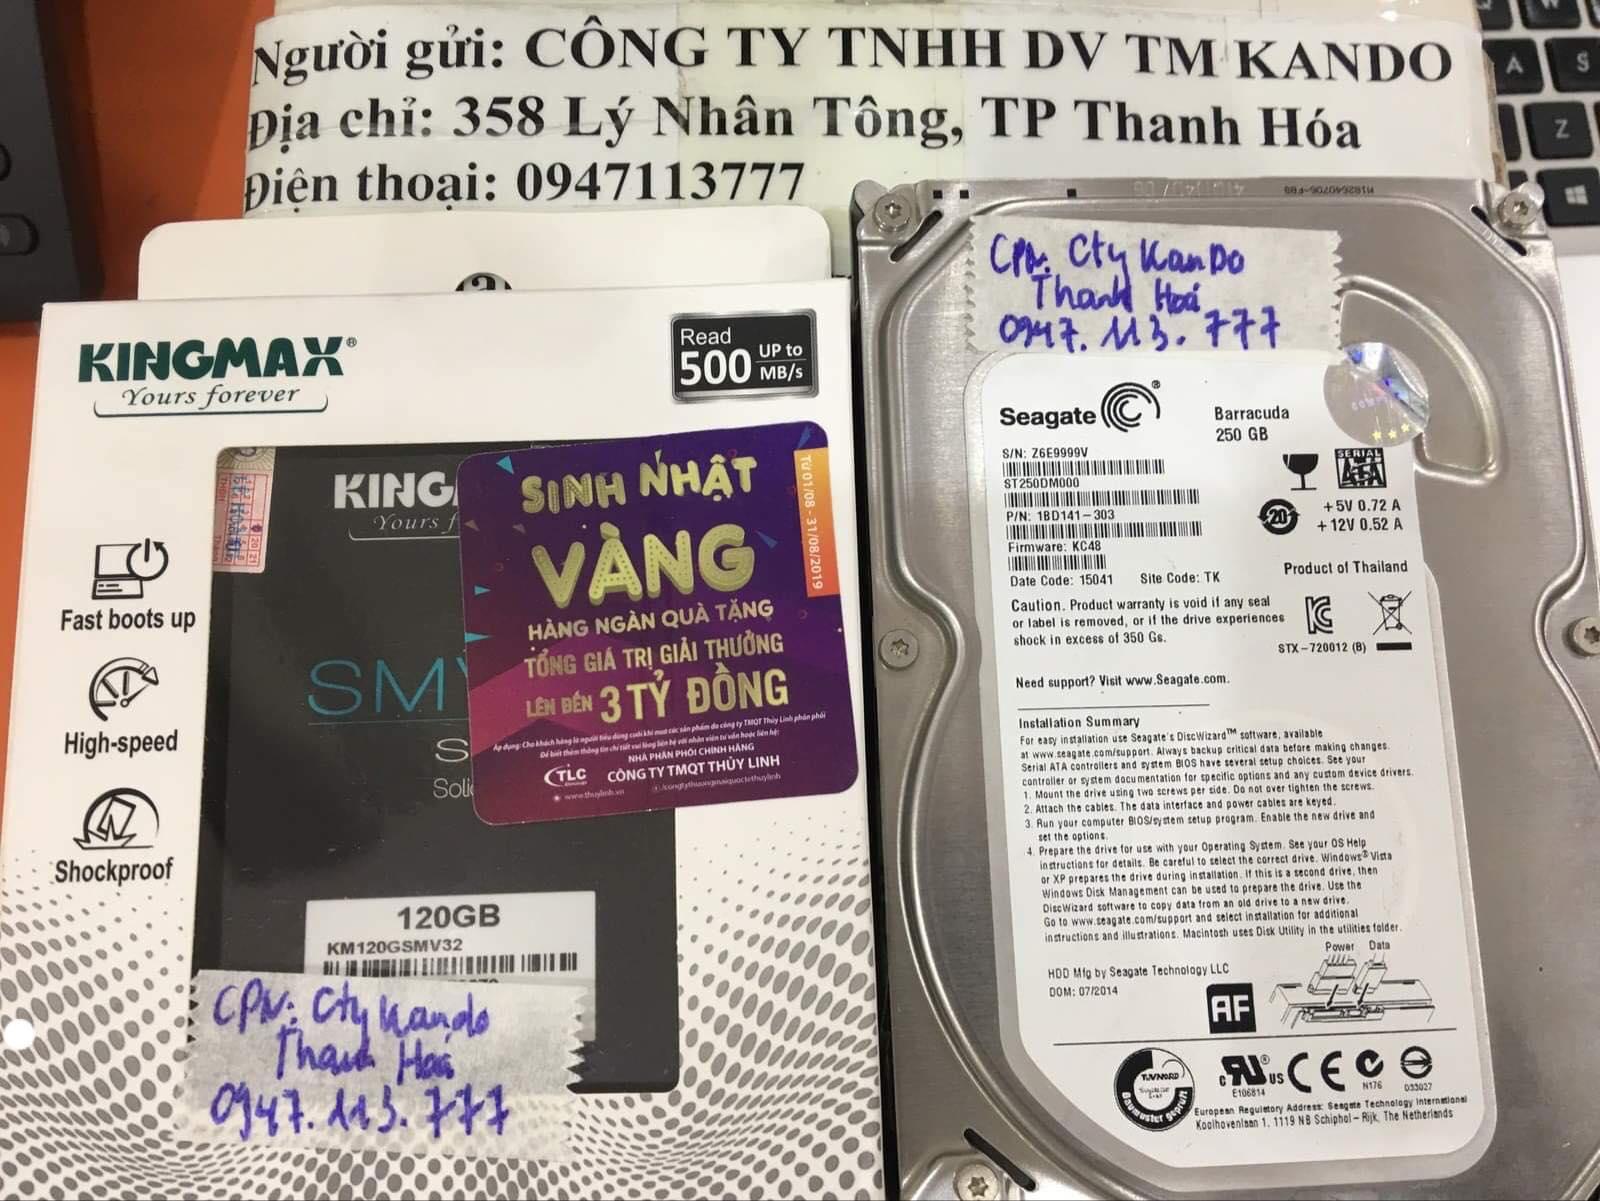 Cứu dữ liệu ổ cứng Seagate 250GB đầu đọc kém tại Thanh Hóa 16/12/2019 - cuumaytinh